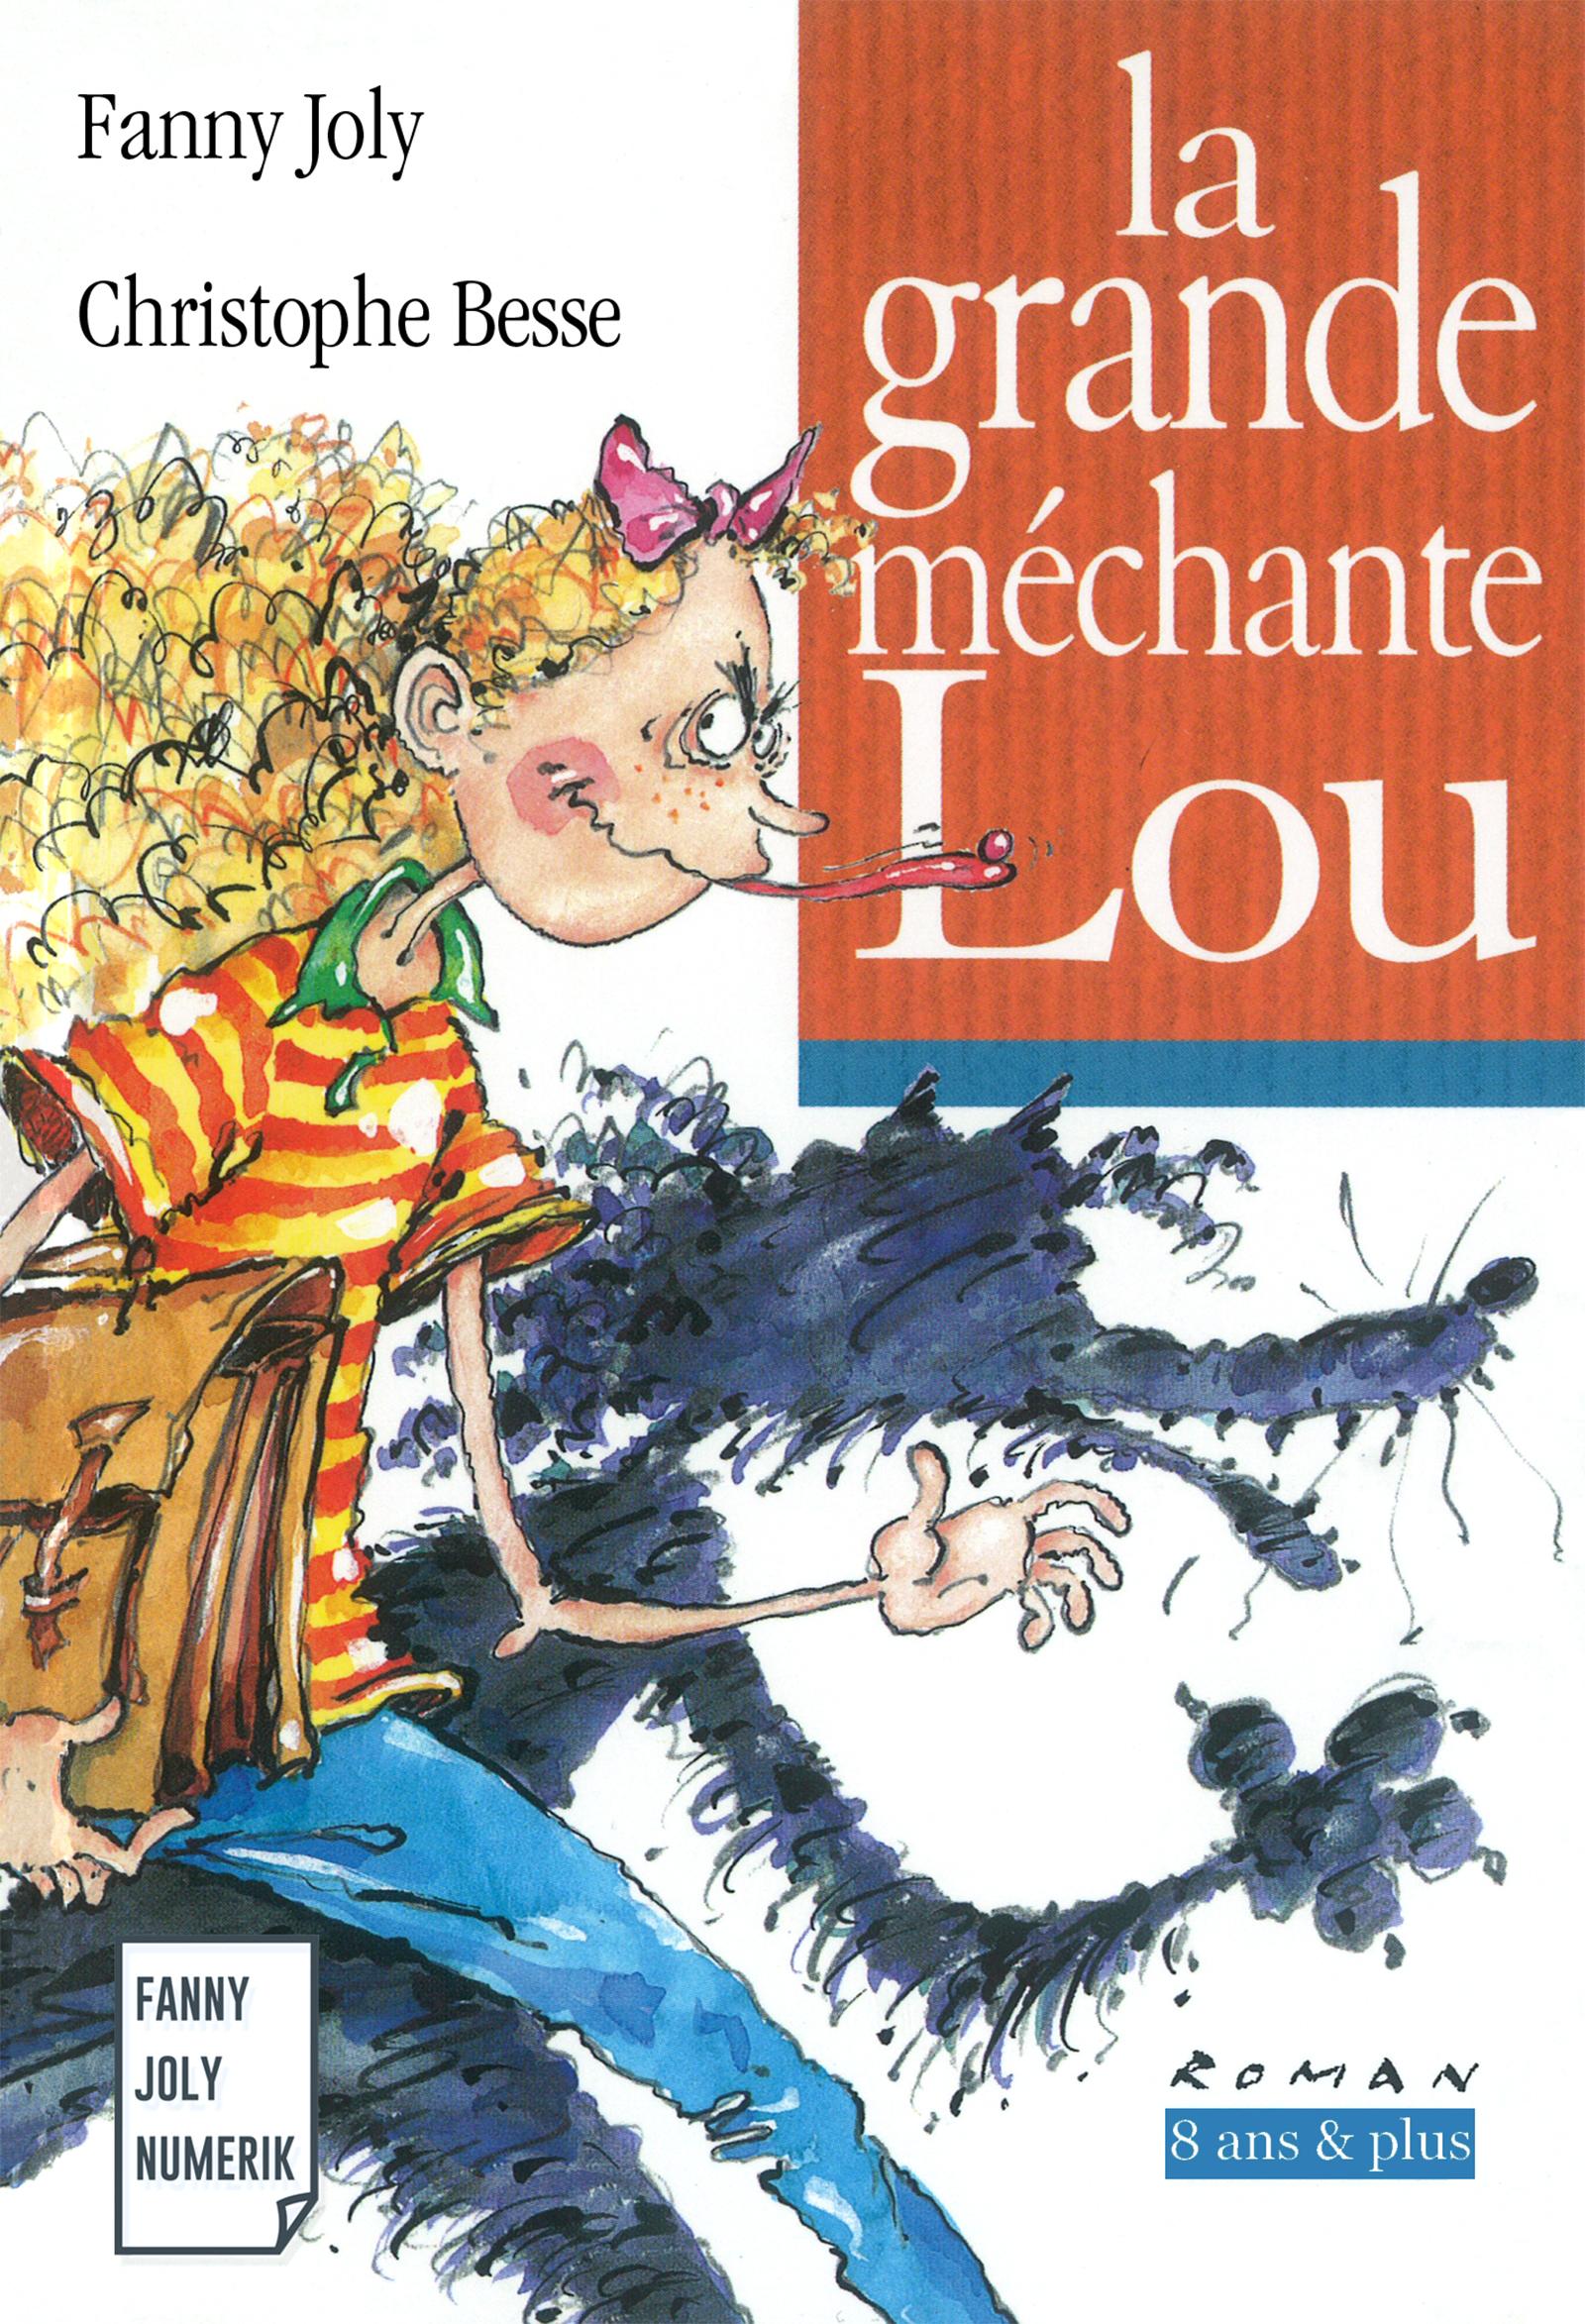 La grande méchante Lou, Un livre illustré à découvrir dès 8 ans